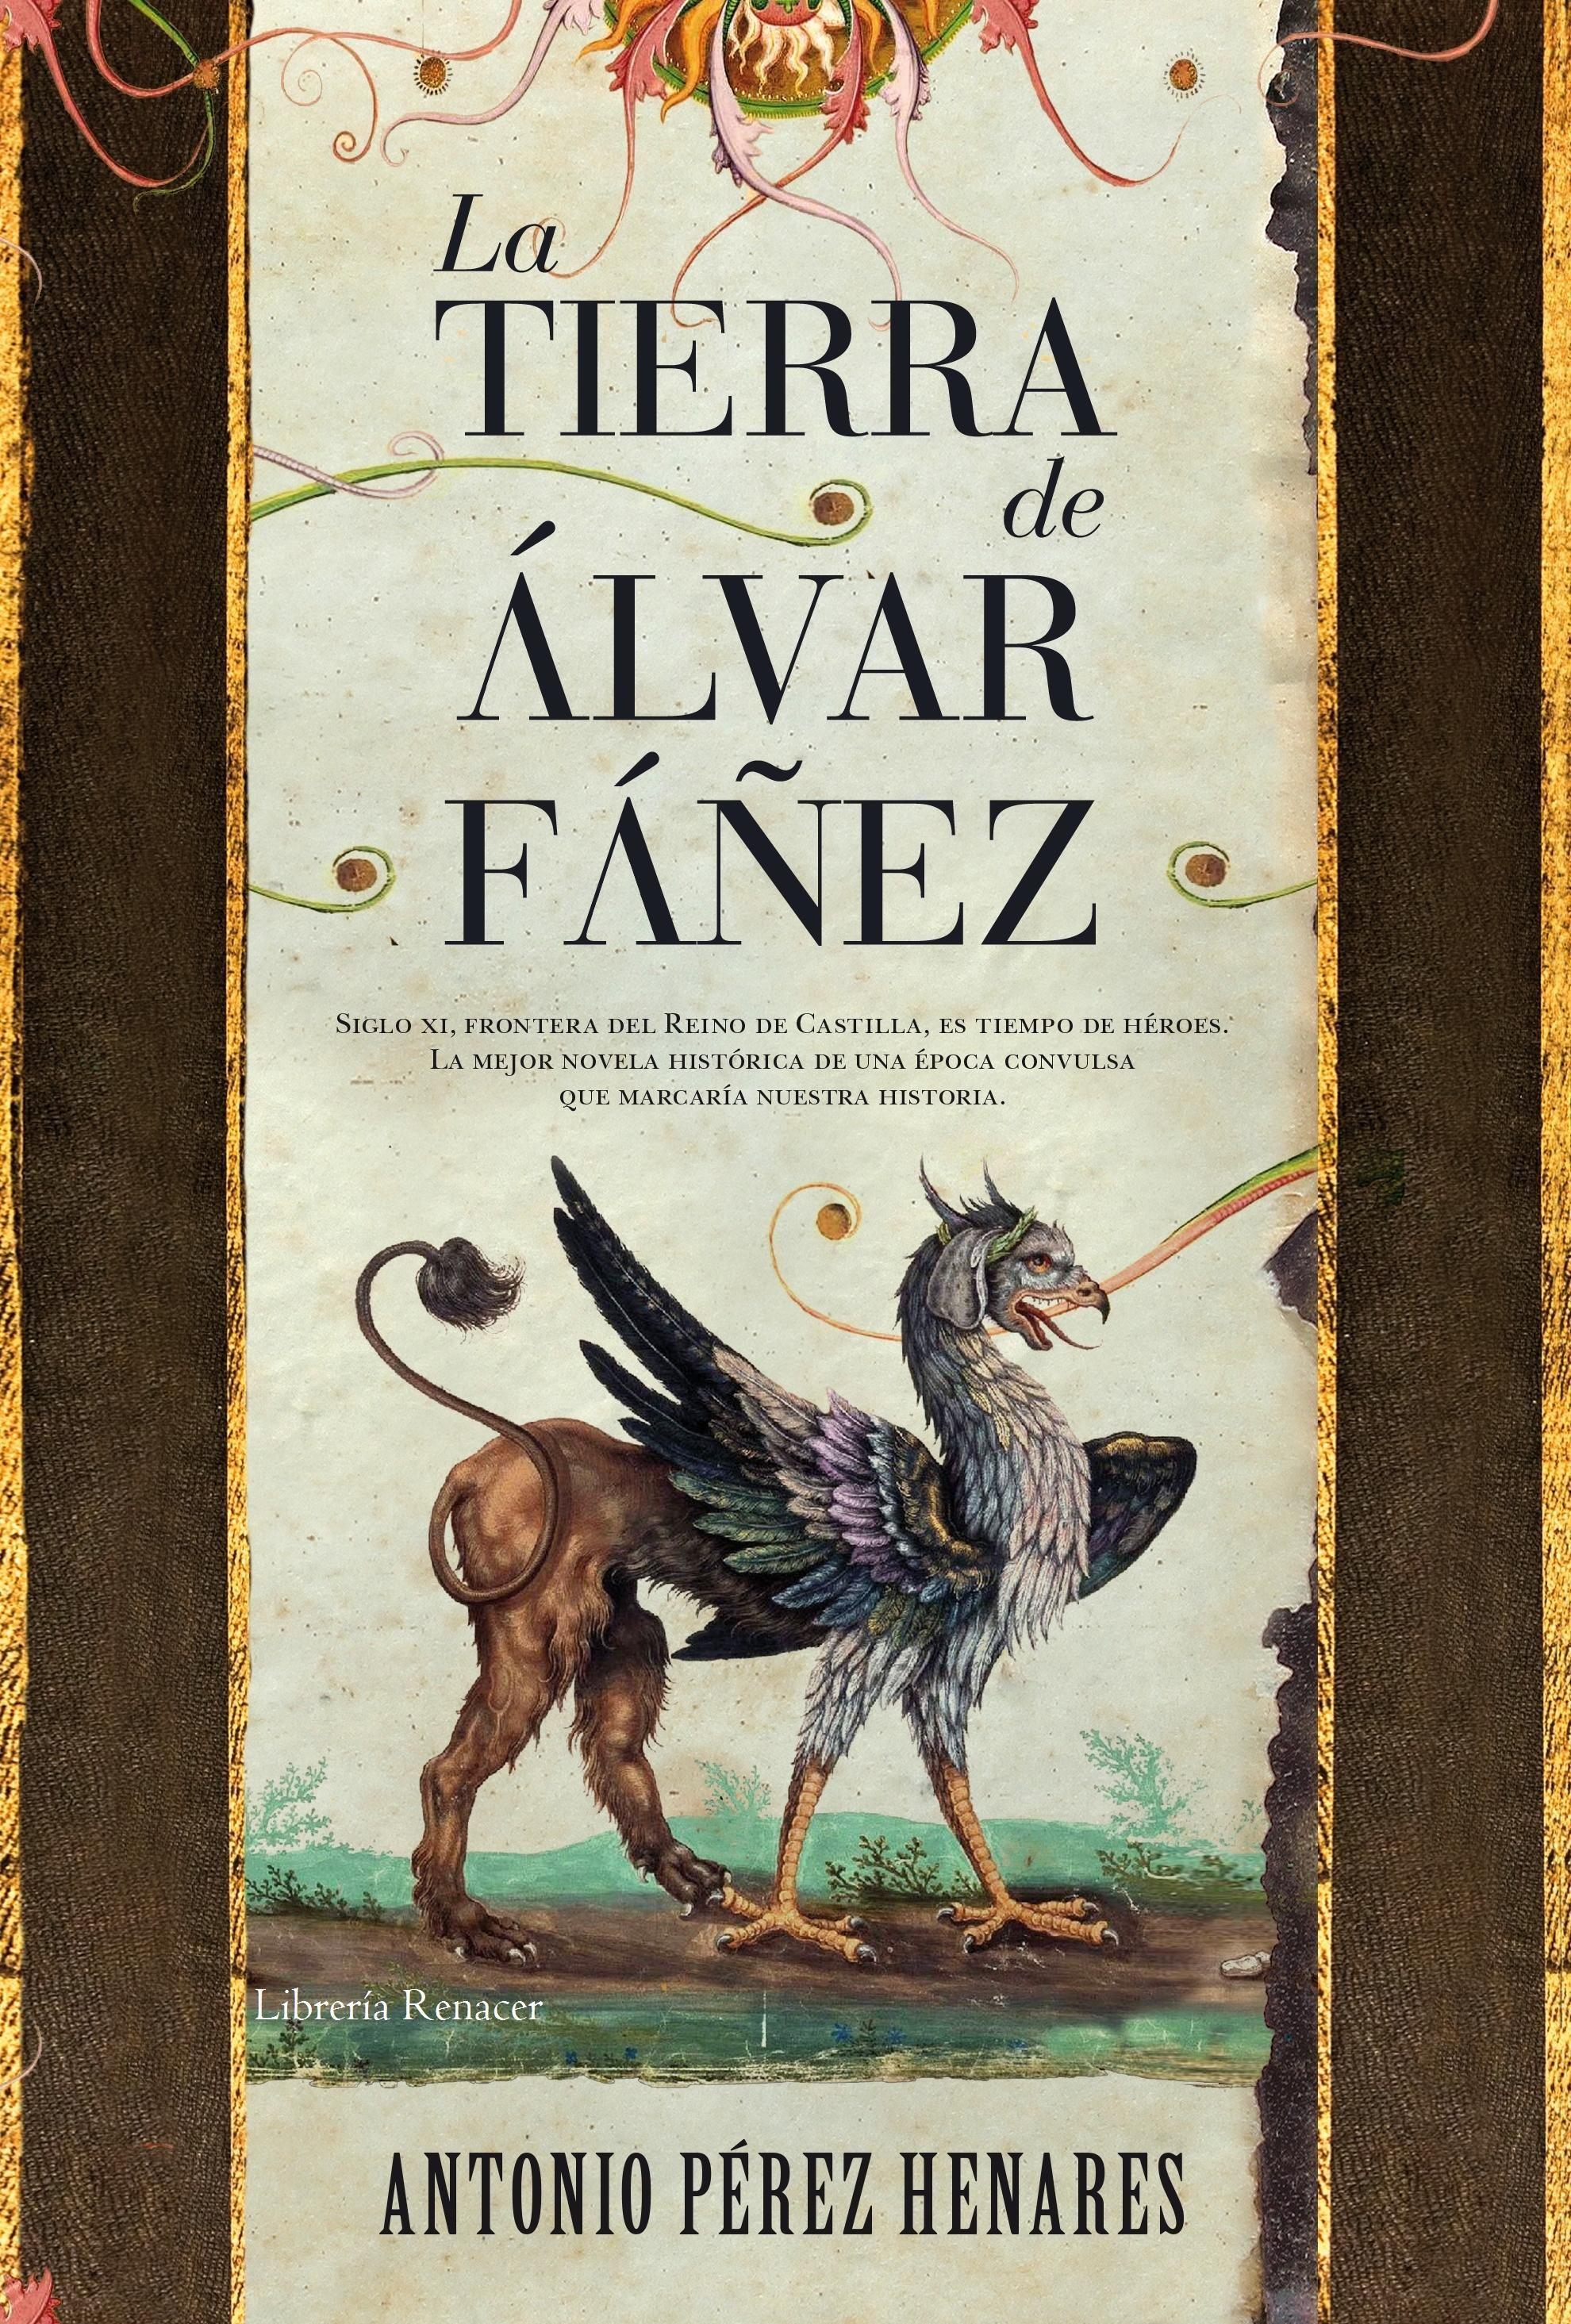 LA TIERRA DE ÁLVAR FAÑEZ. 3ª EDICIÓN TAPA BLANDA